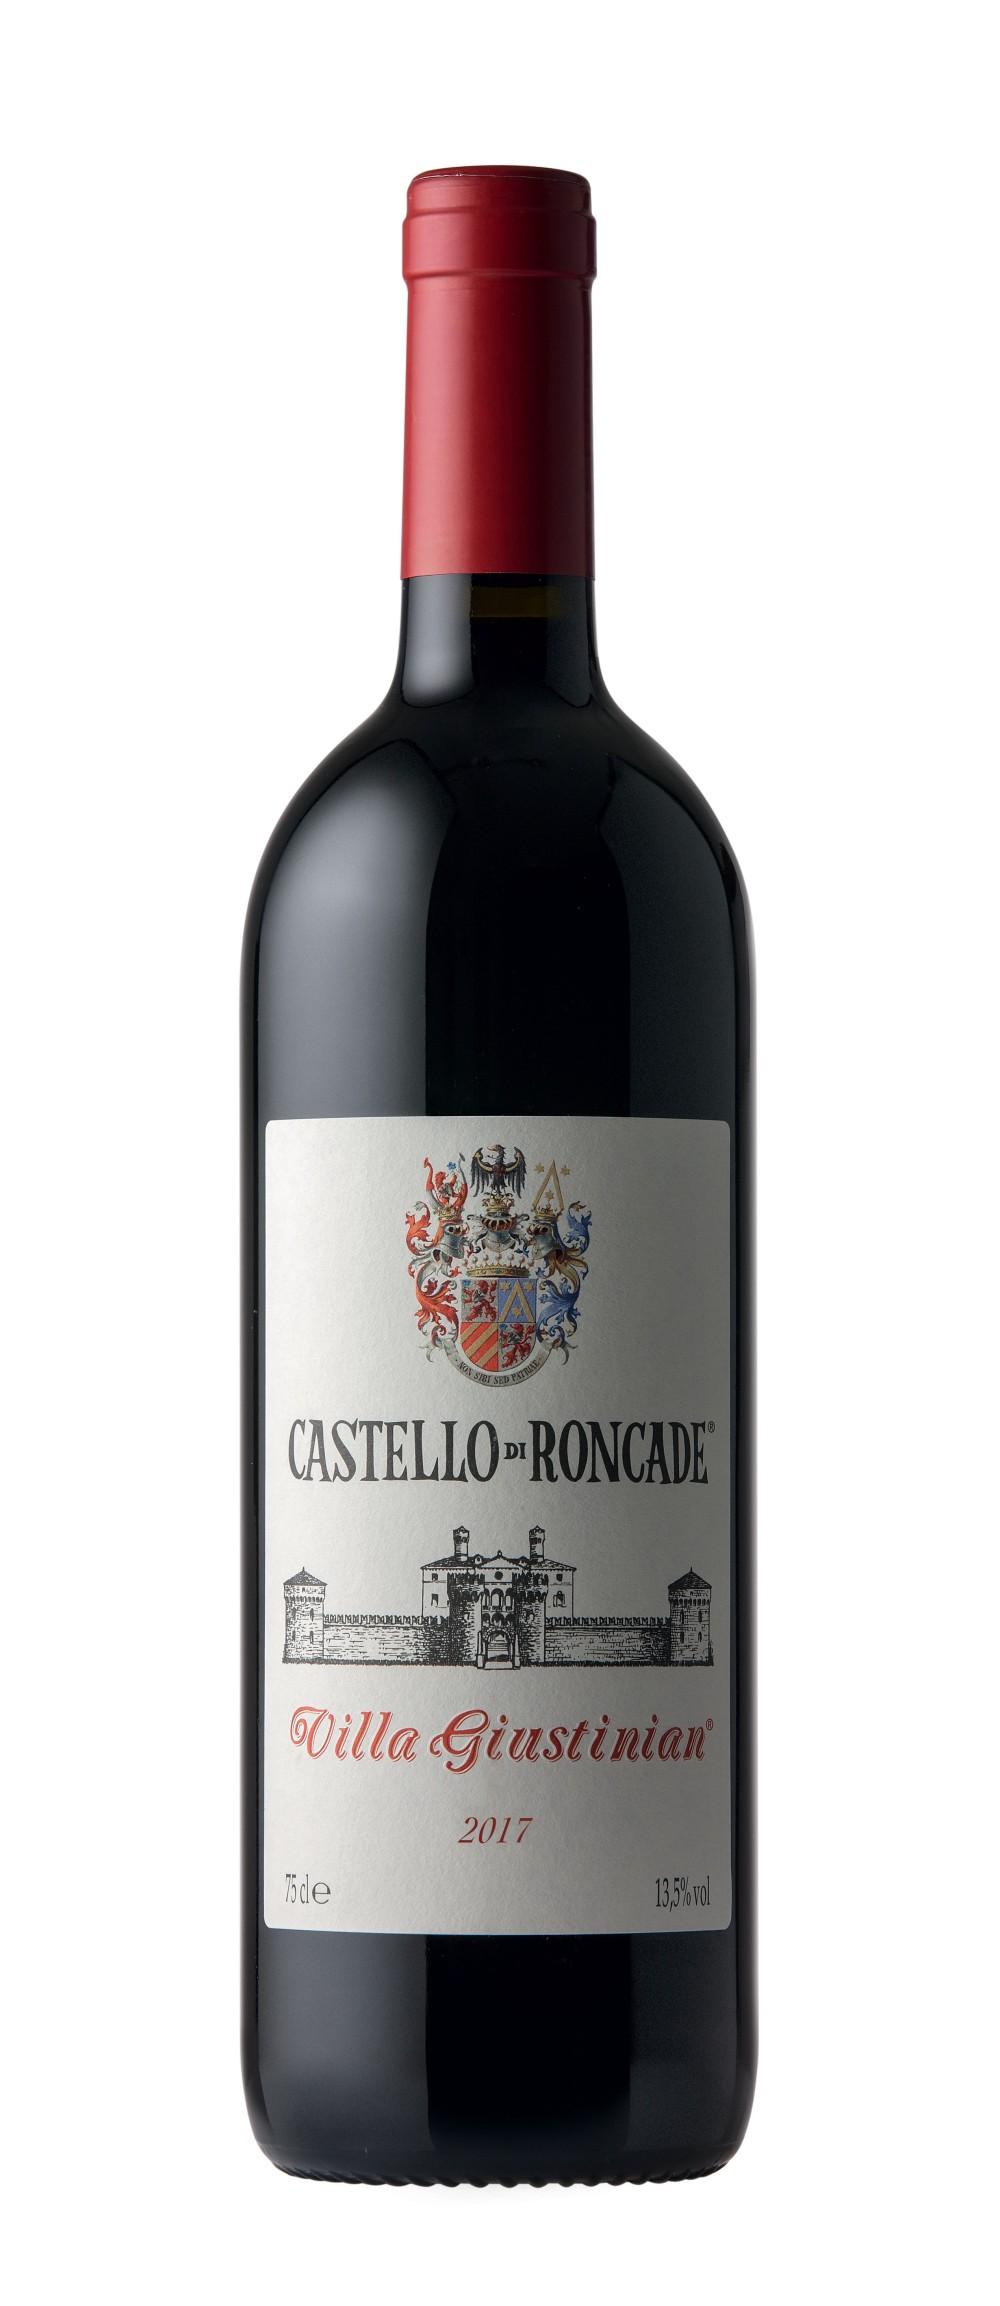 dimore quartetto Castello Roncade VillaGiustinian2017 (1)